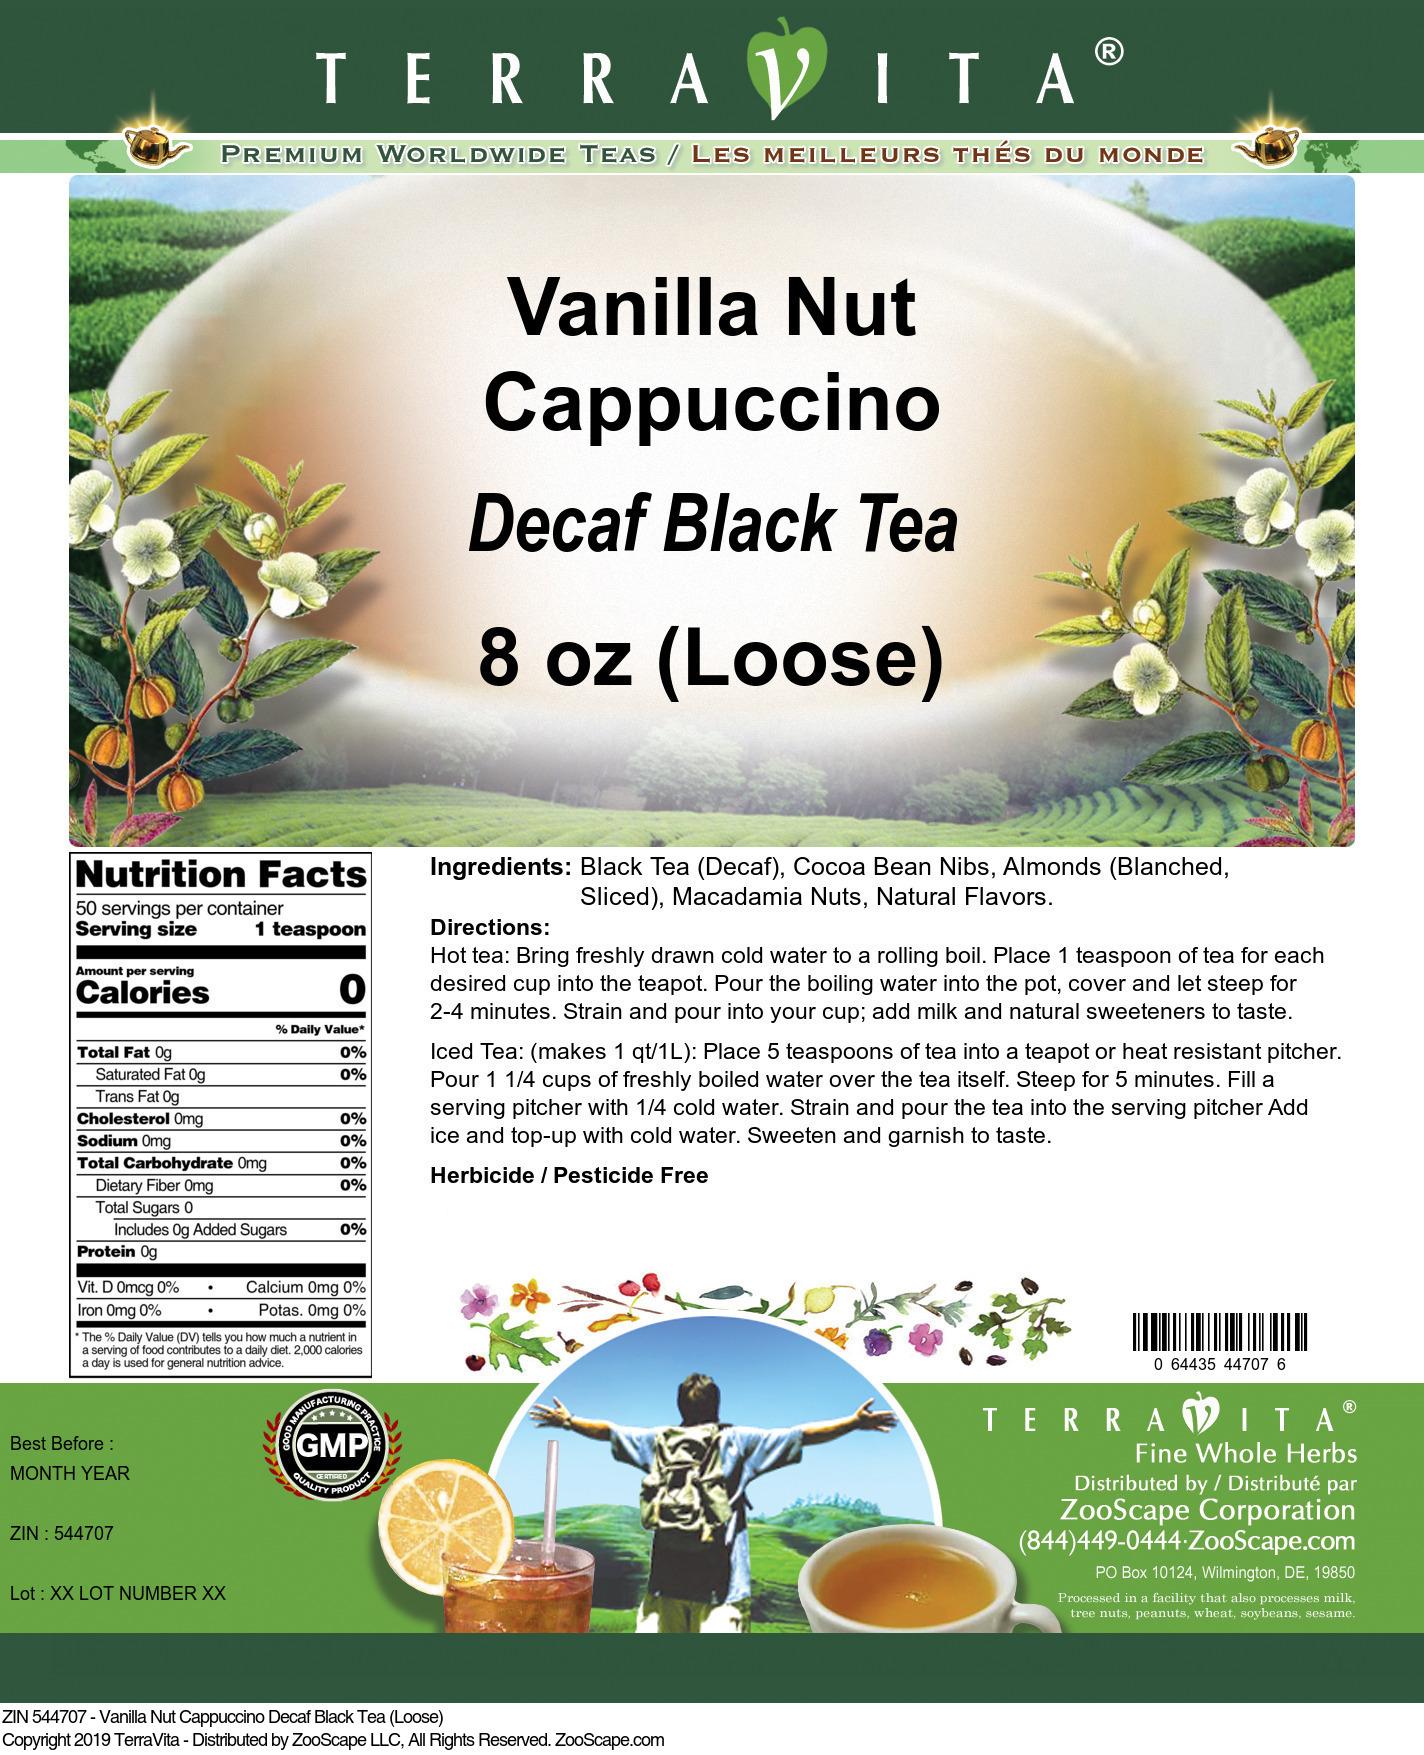 Vanilla Nut Cappuccino Decaf Black Tea (Loose)